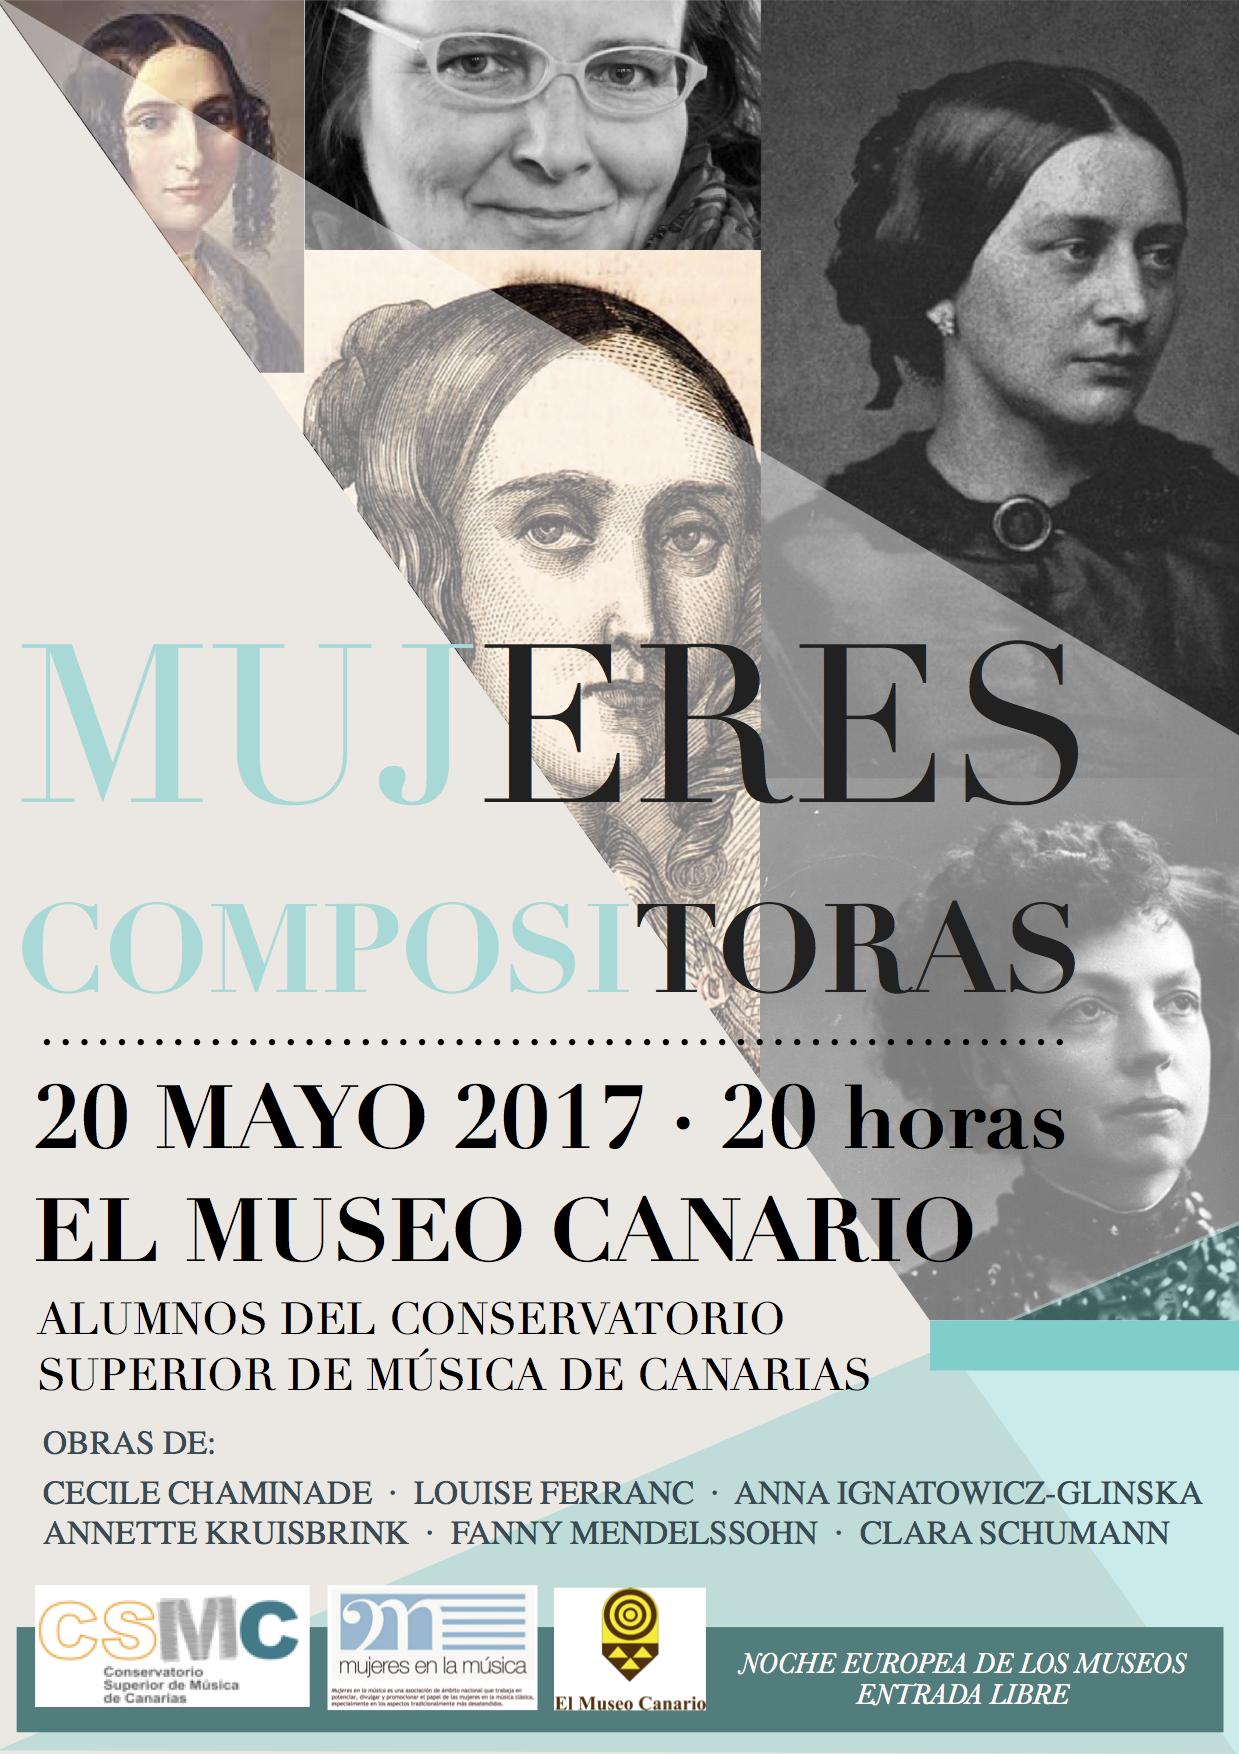 Cartel y programa Concierto Mujeres compositoras en Las Palmas 20 mayo 2017